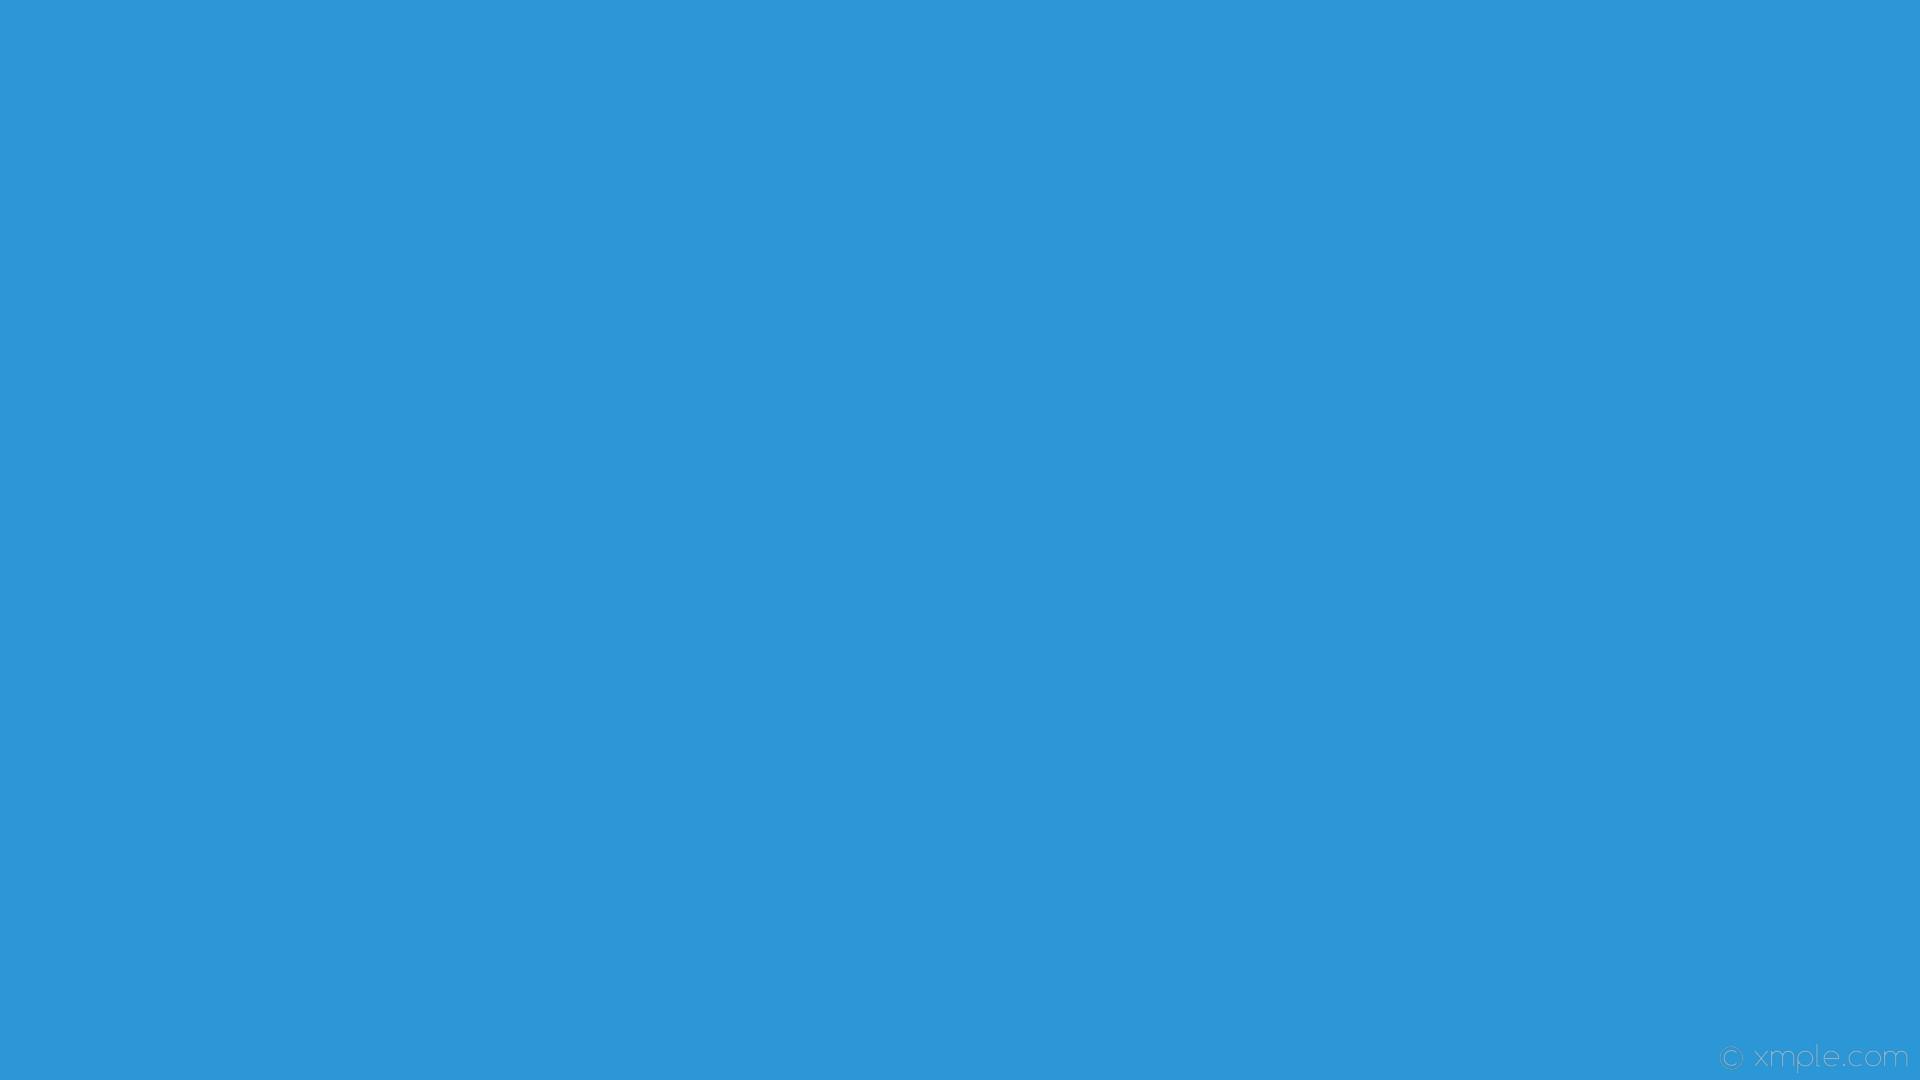 wallpaper plain single azure one colour solid color #2b97d7